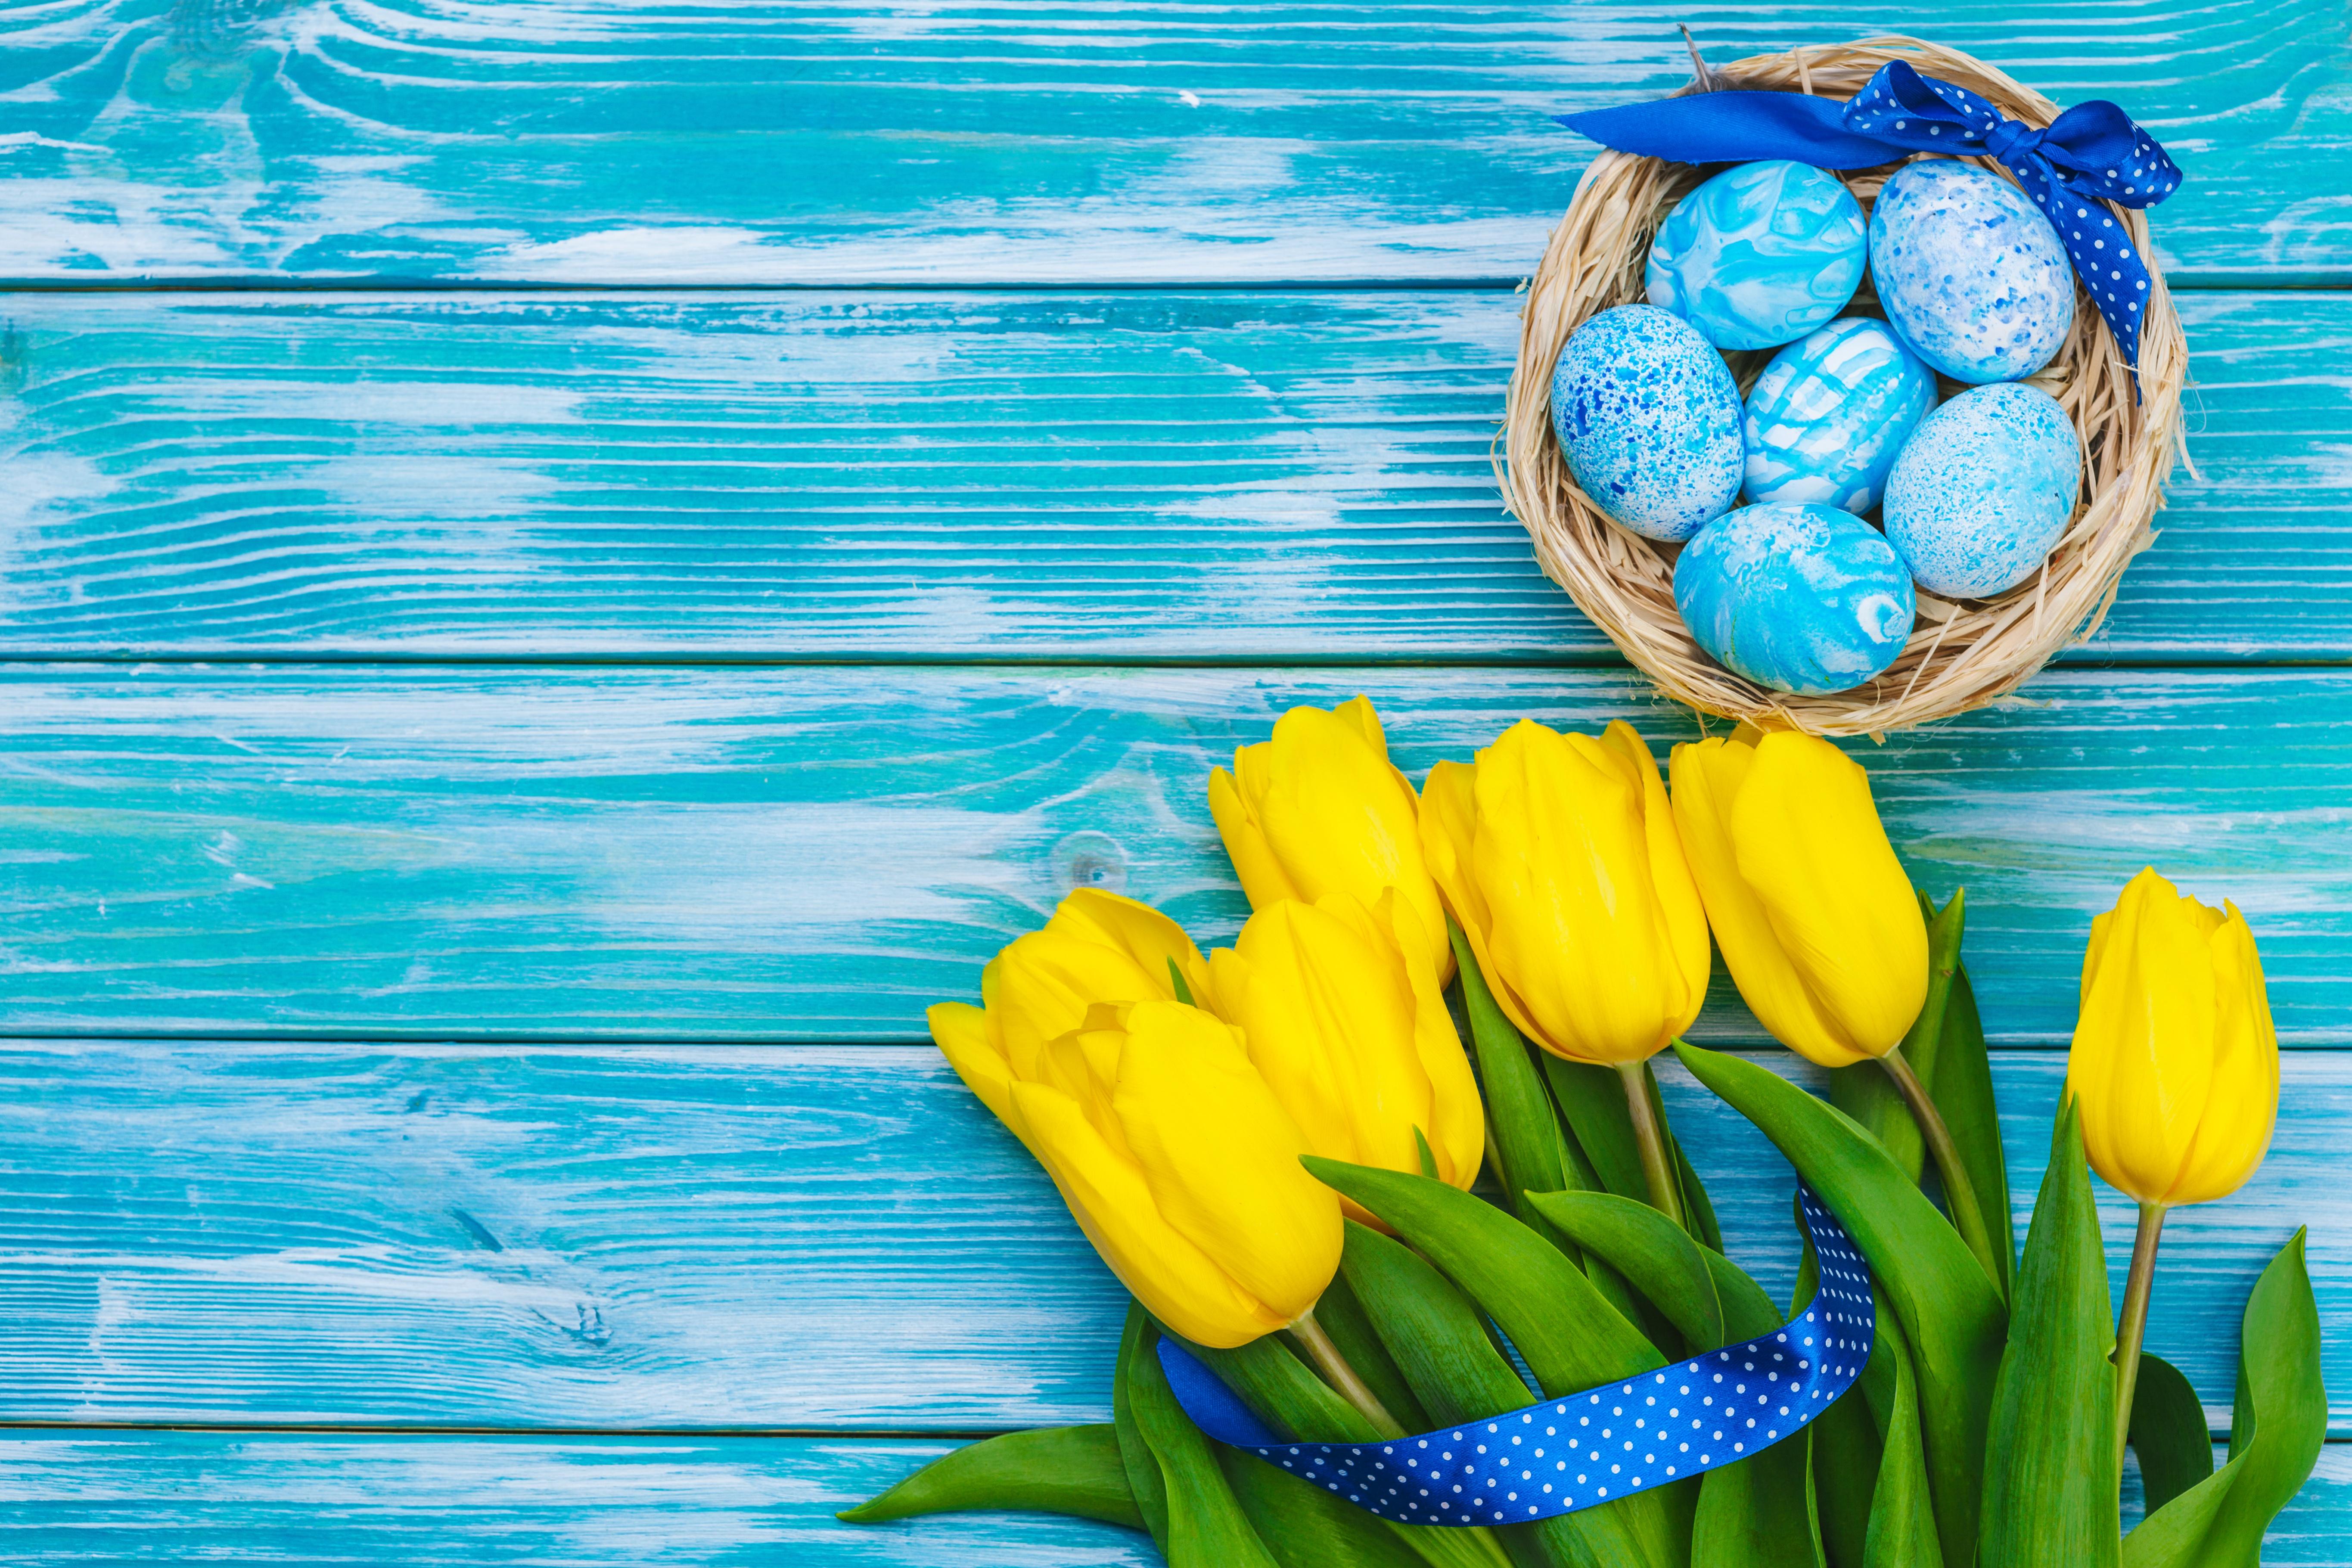 Обои для рабочего стола Пасха Яйца тюльпан Цветы Шаблон поздравительной открытки Доски яиц яйцо яйцами Тюльпаны цветок